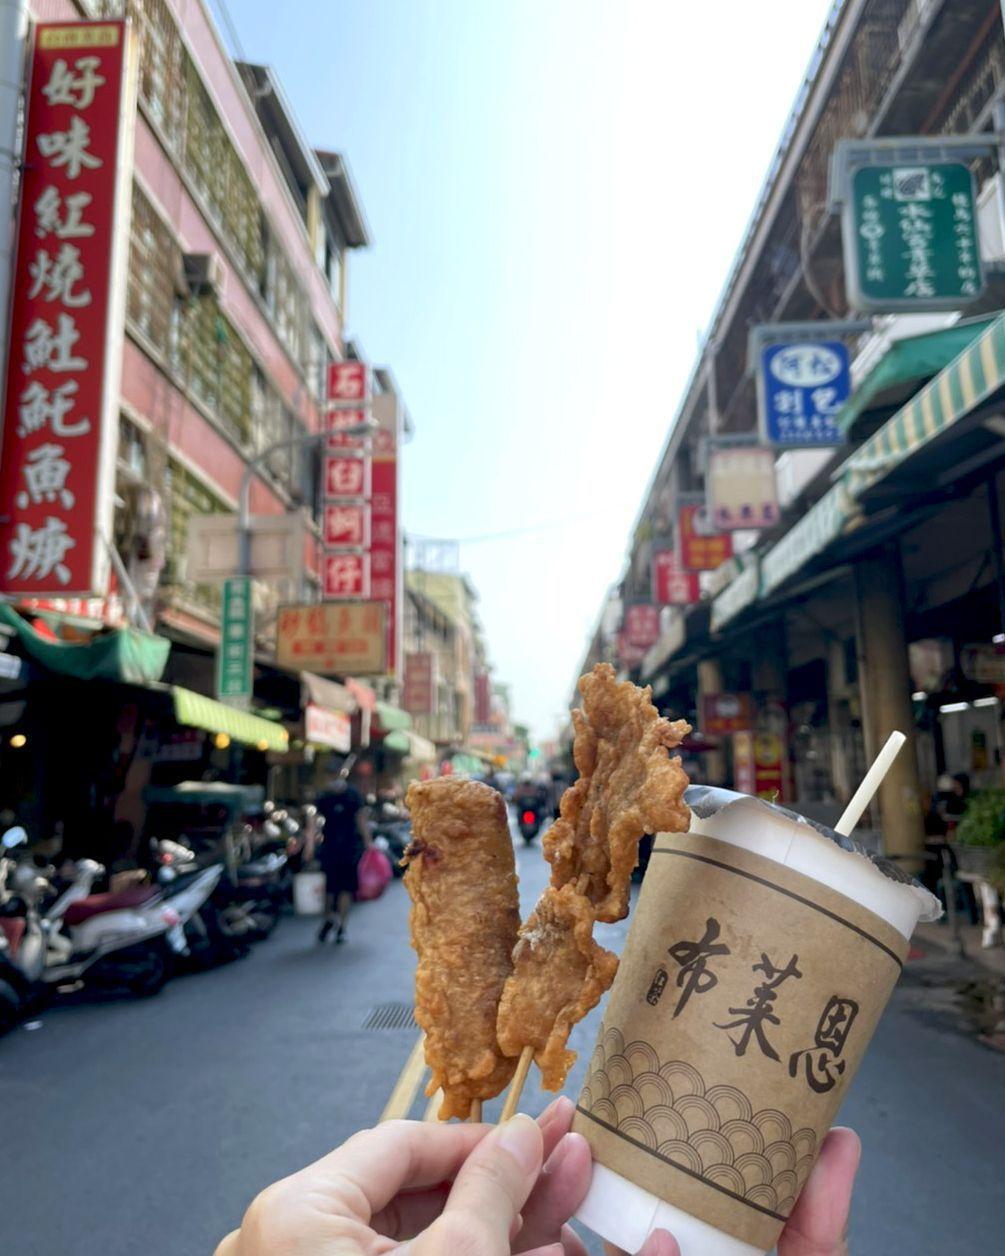 贈國華街美食抵用券,讓住宿客免費品嘗美味台南小吃。 台南富信大飯店/提供